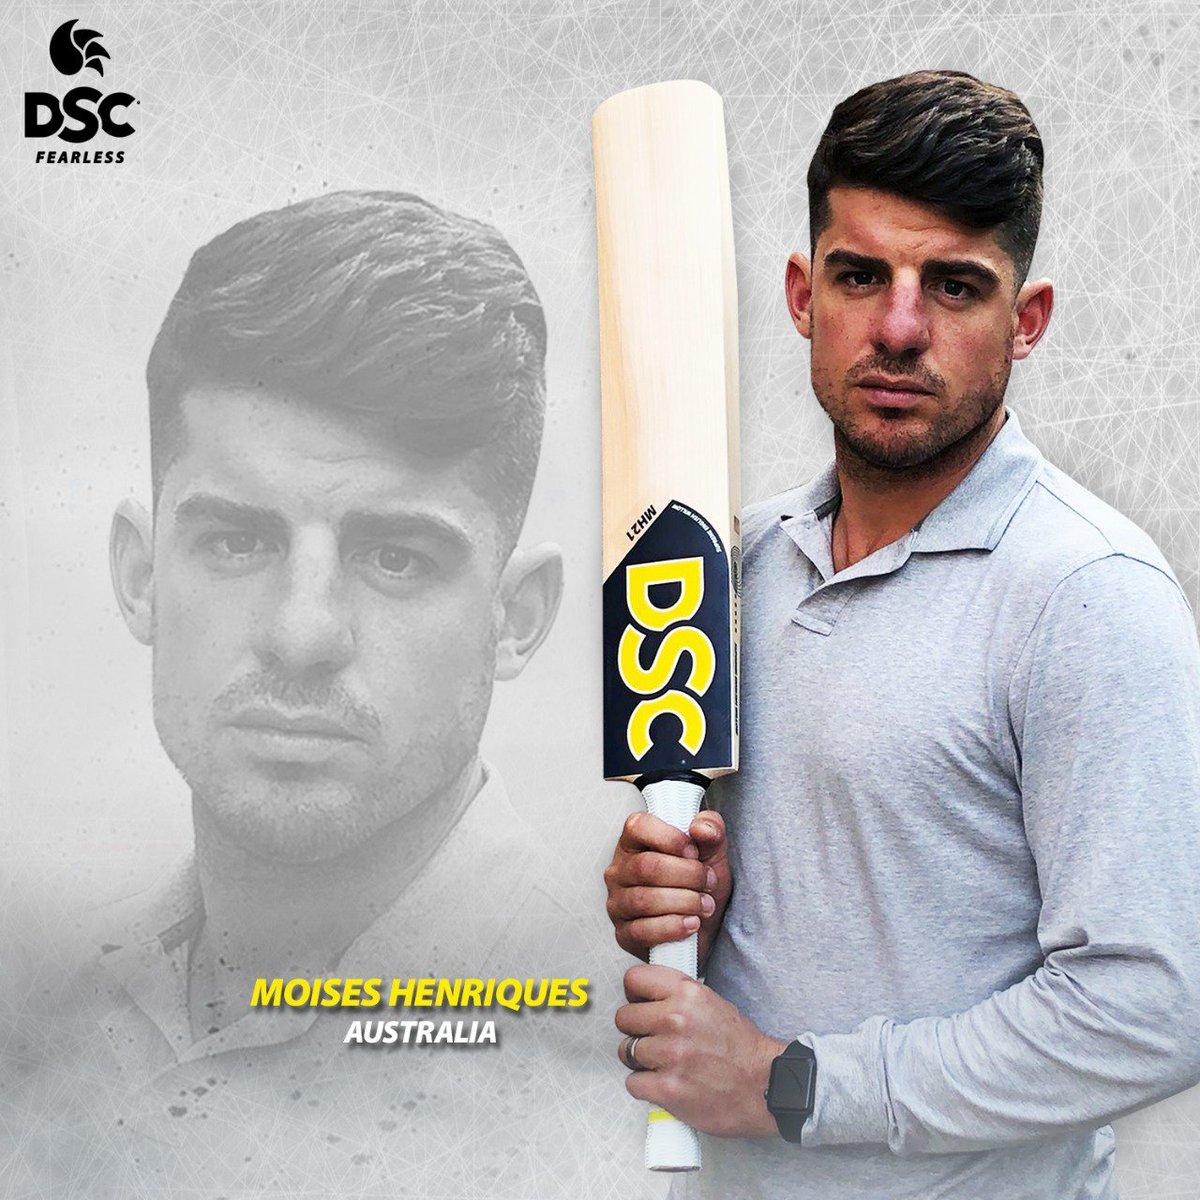 Moises Henriques mh21 bat